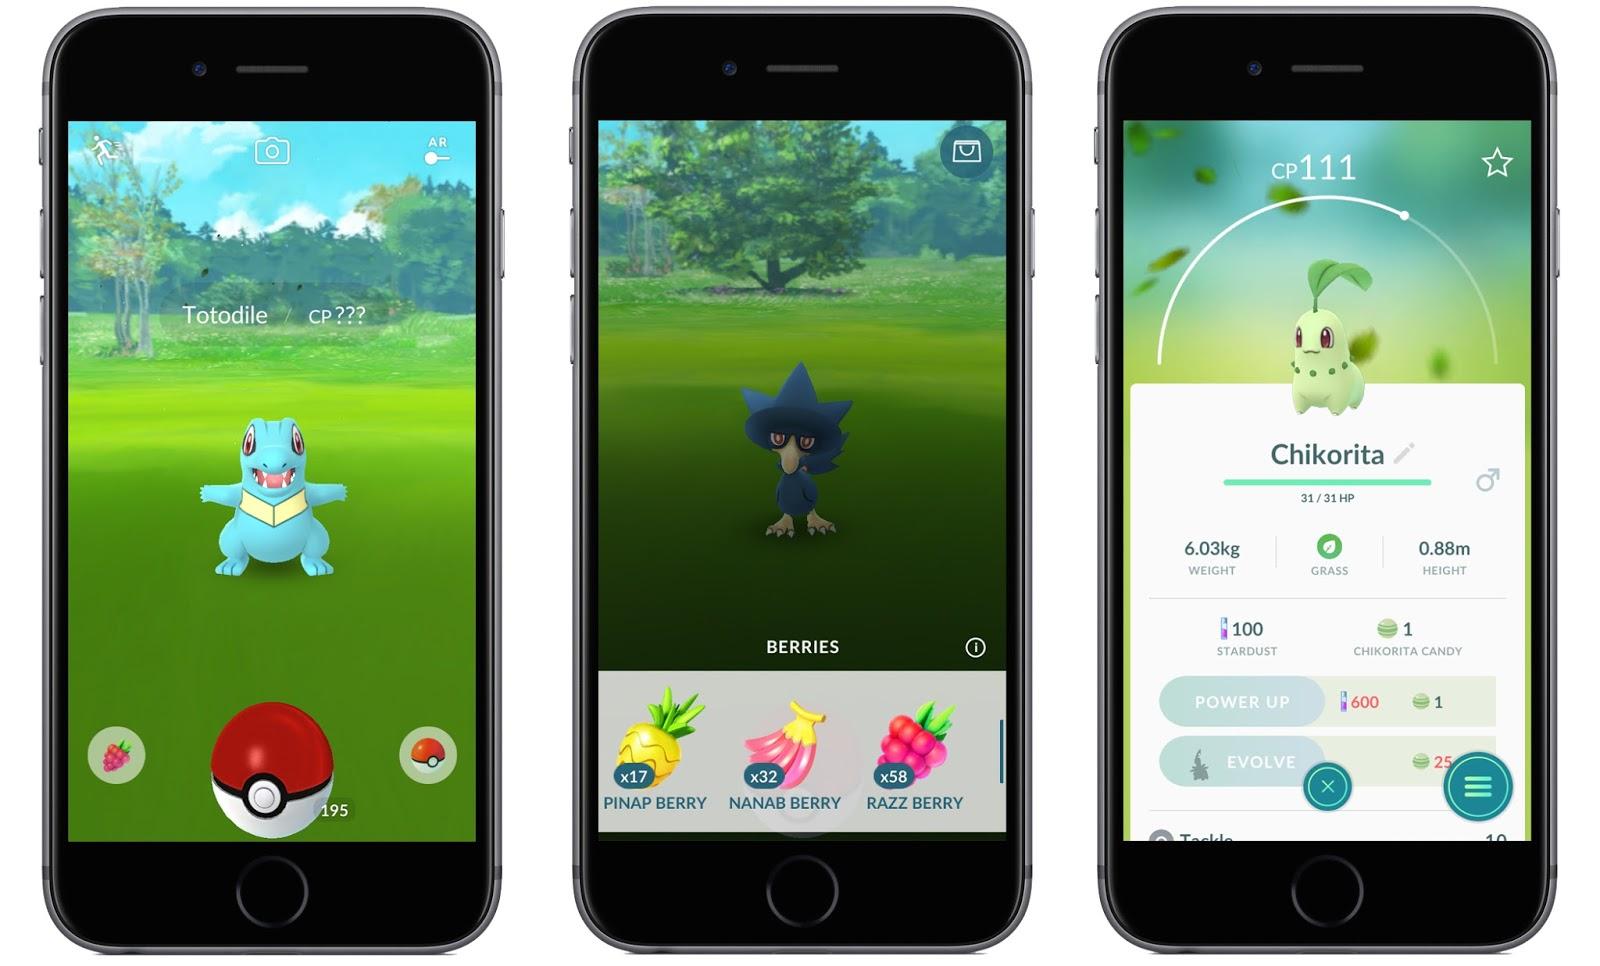 Pokémon GO - Sim, a nova geração chegou!!! | Debate Nerd - O melhor